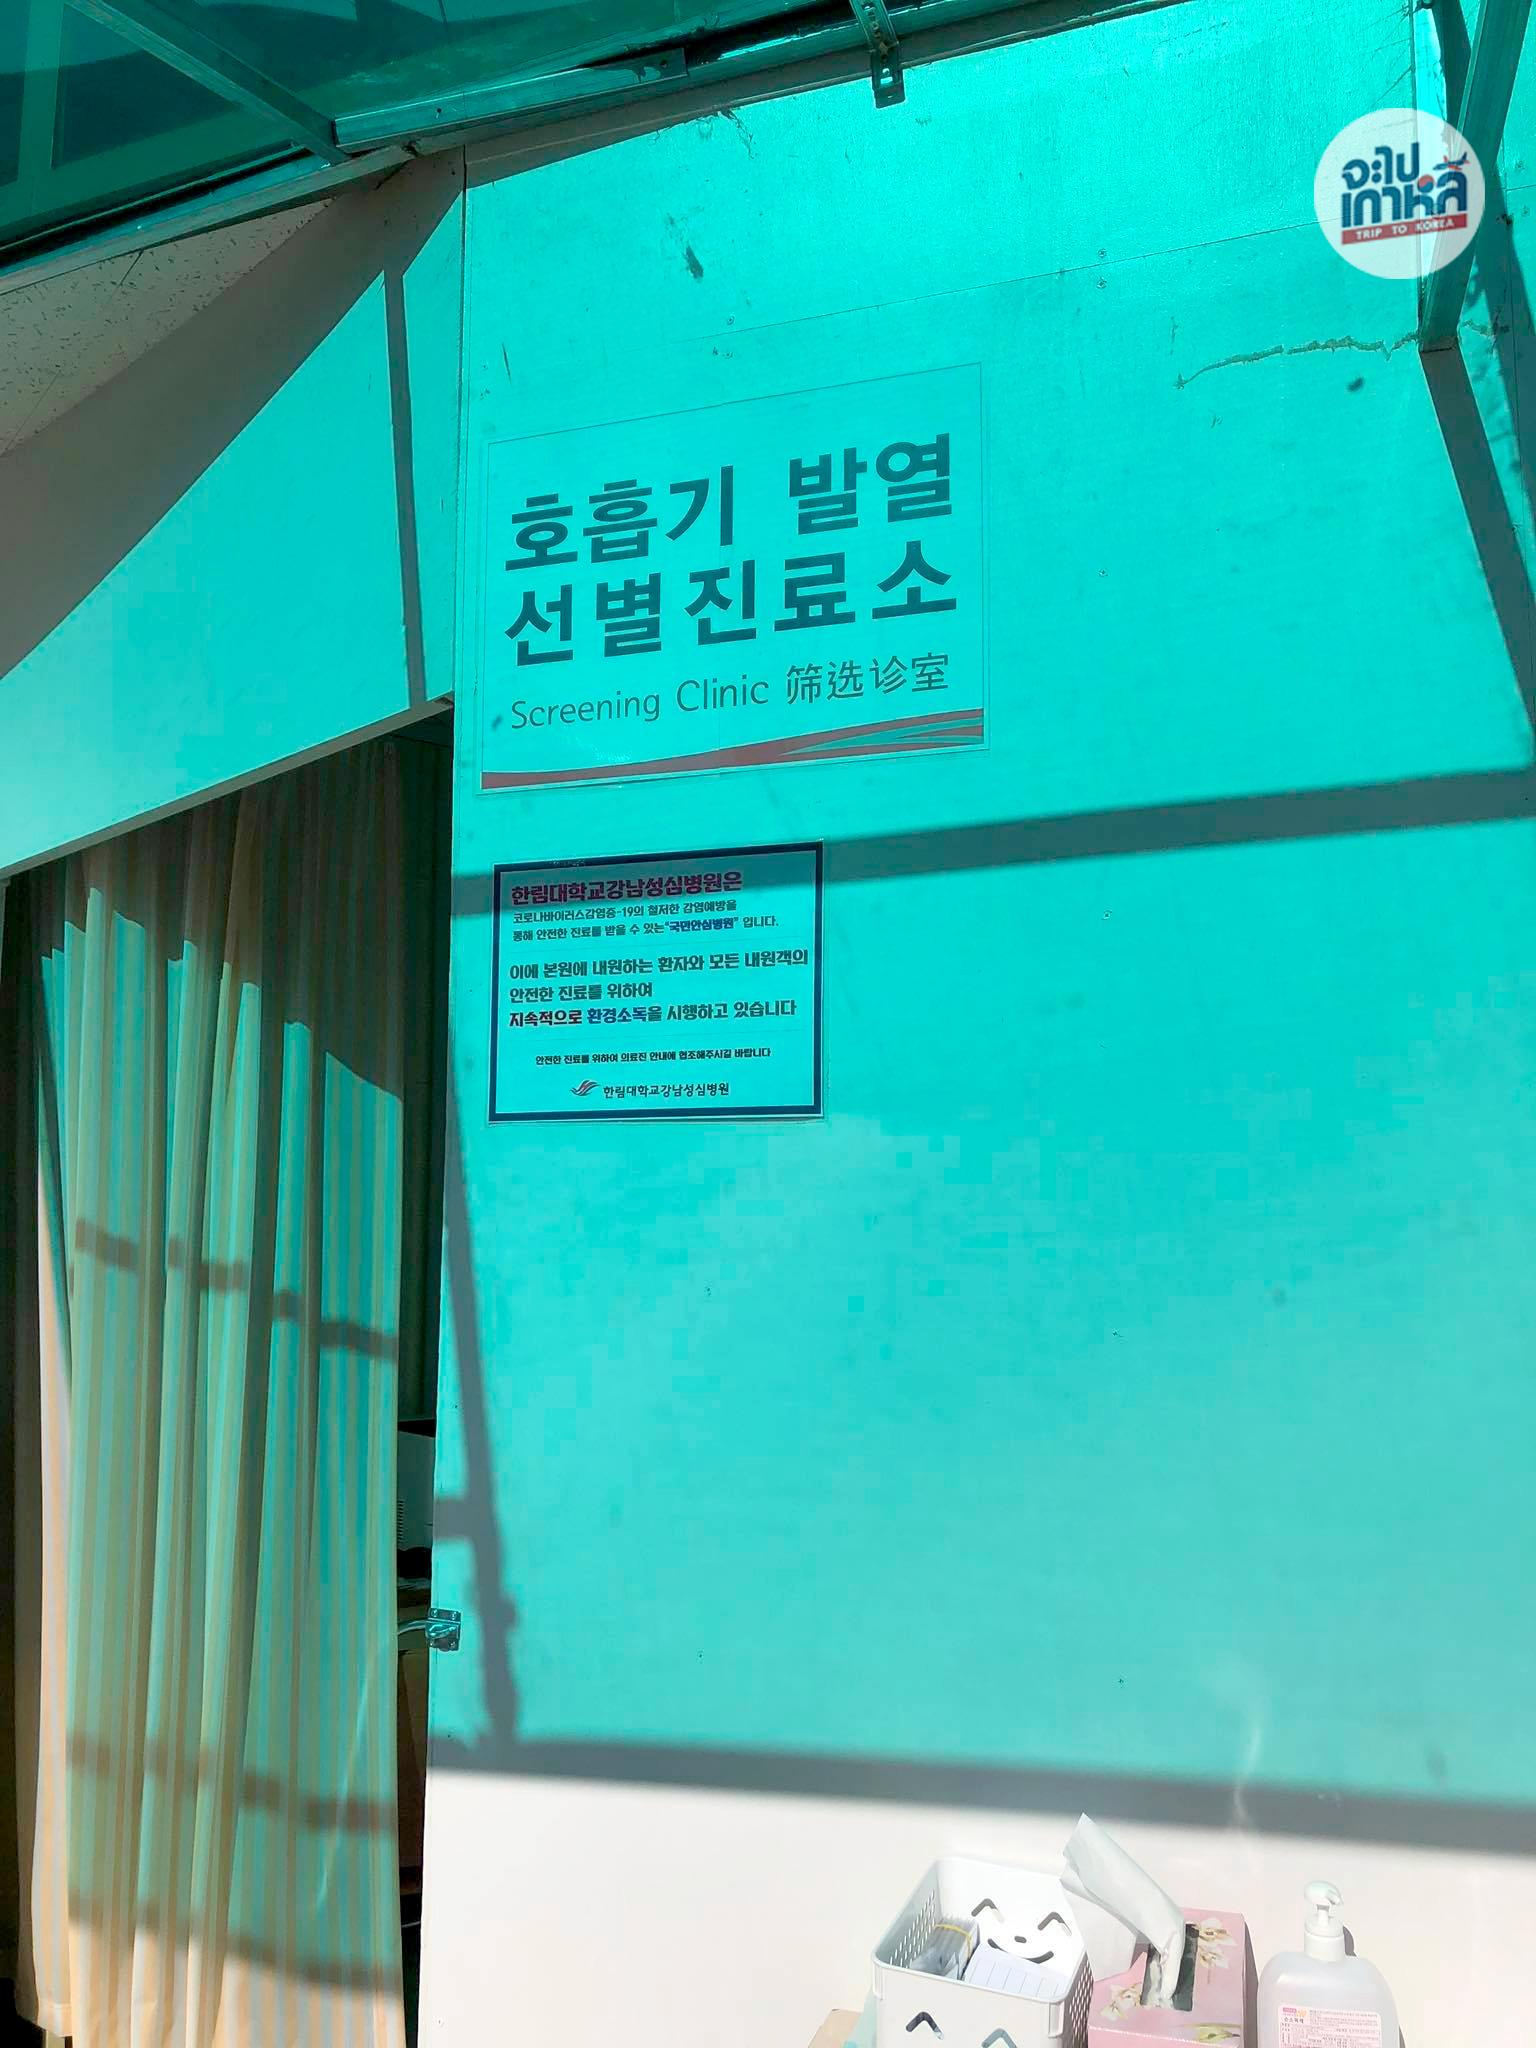 จุดสกรีนอาการ โควิด 19 โรงพยาบาลเกาหลี